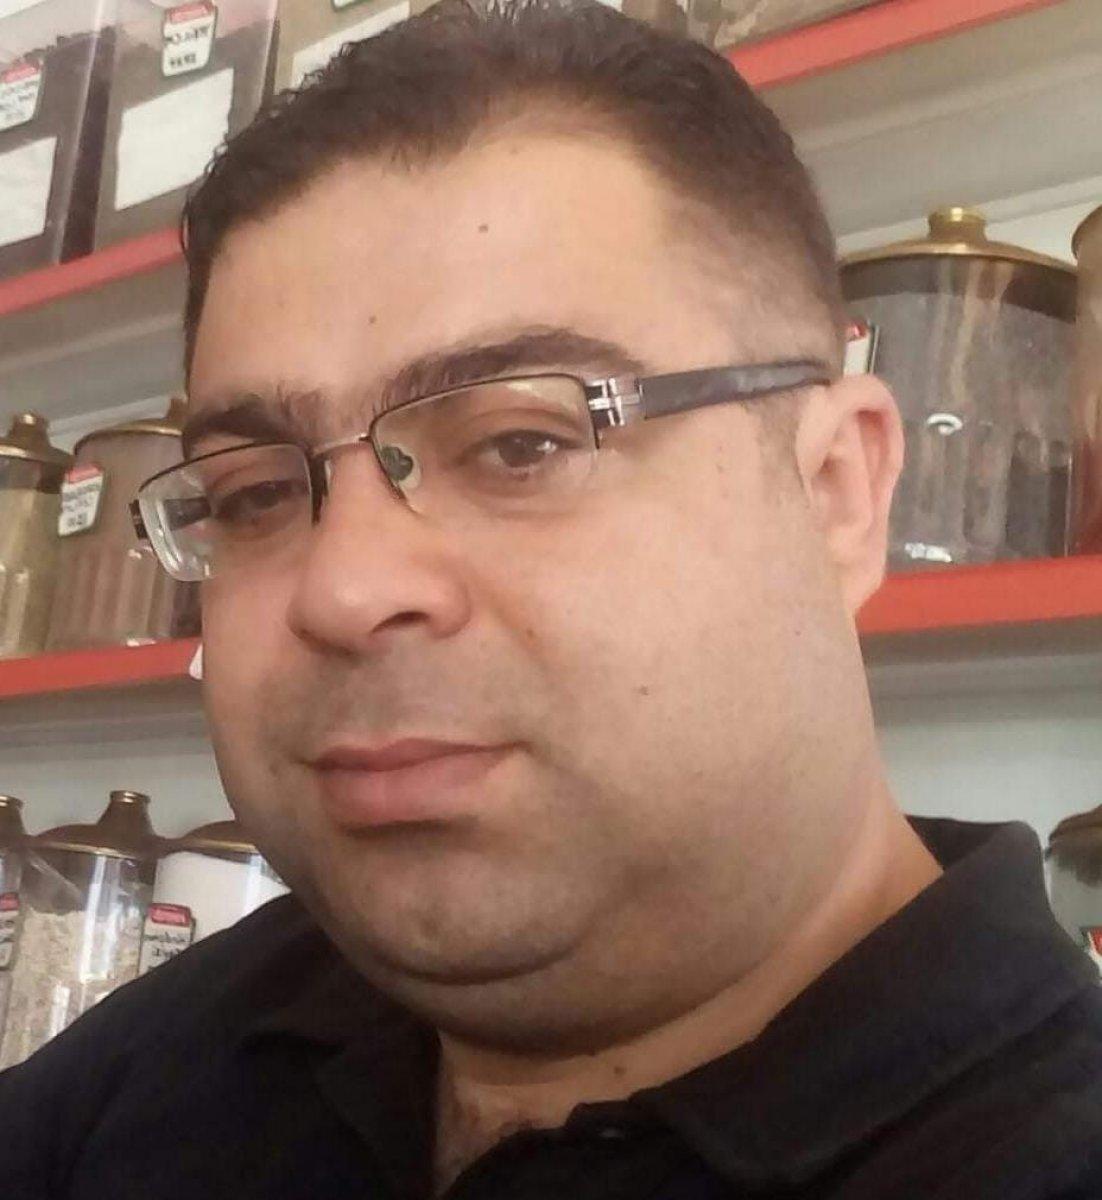 Gaziantep te intihardan vazgeçirmeye çalıştığı şahıs tarafından öldürüldü #2